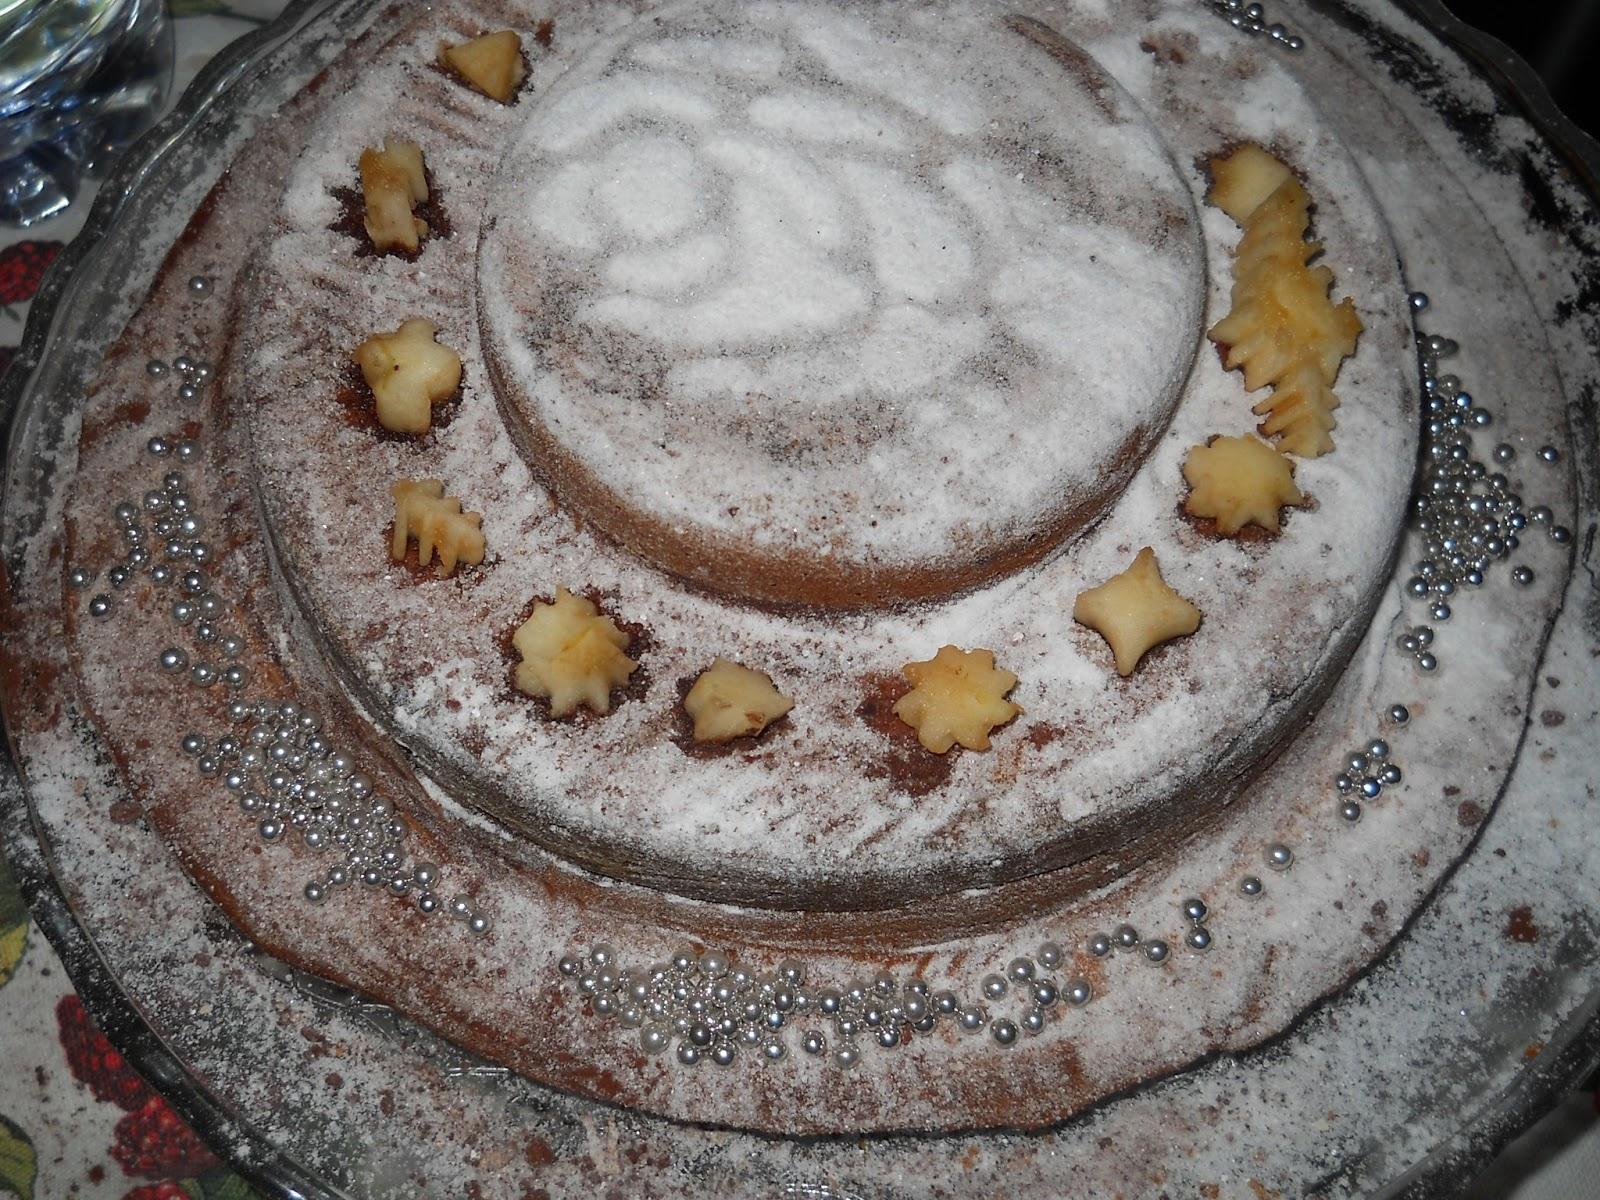 Cioccolato amaro torta a tre piani da decorare for Piani a tre piani